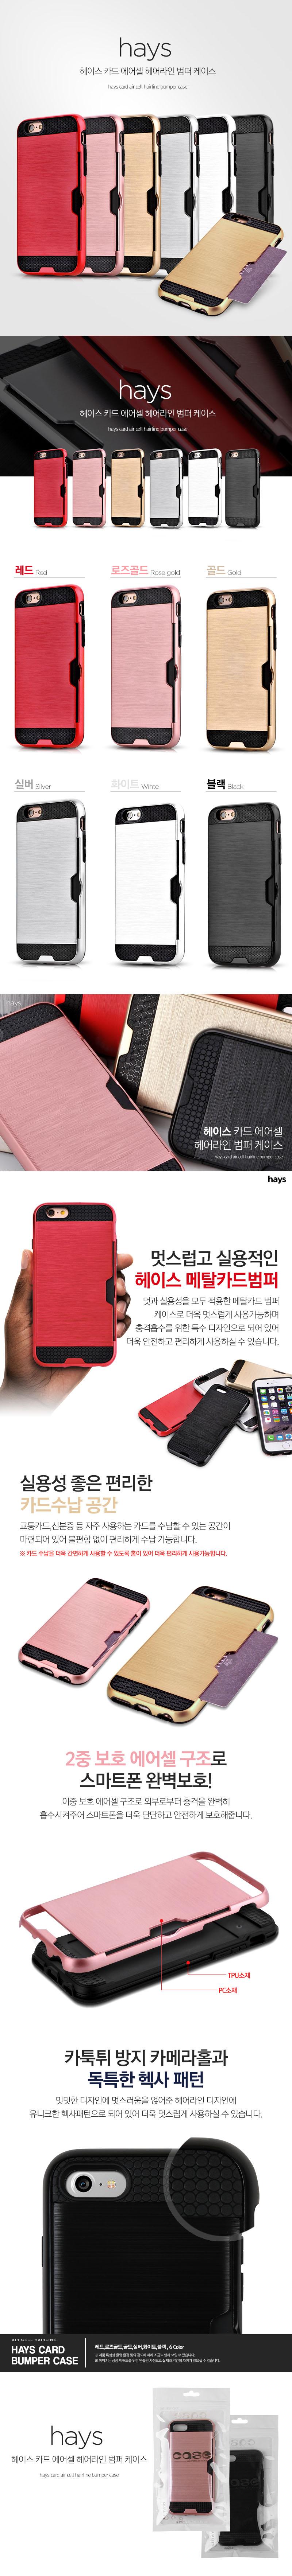 헤이스 카드수납 범퍼케이스 아이폰5SE 6S 7 8 플러스 갤럭시 노트4 노트5 S6 S7 엣지 S8 엘지 G5 V10 V20 - 비오비, 3,900원, 케이스, 갤럭시S8/S8플러스